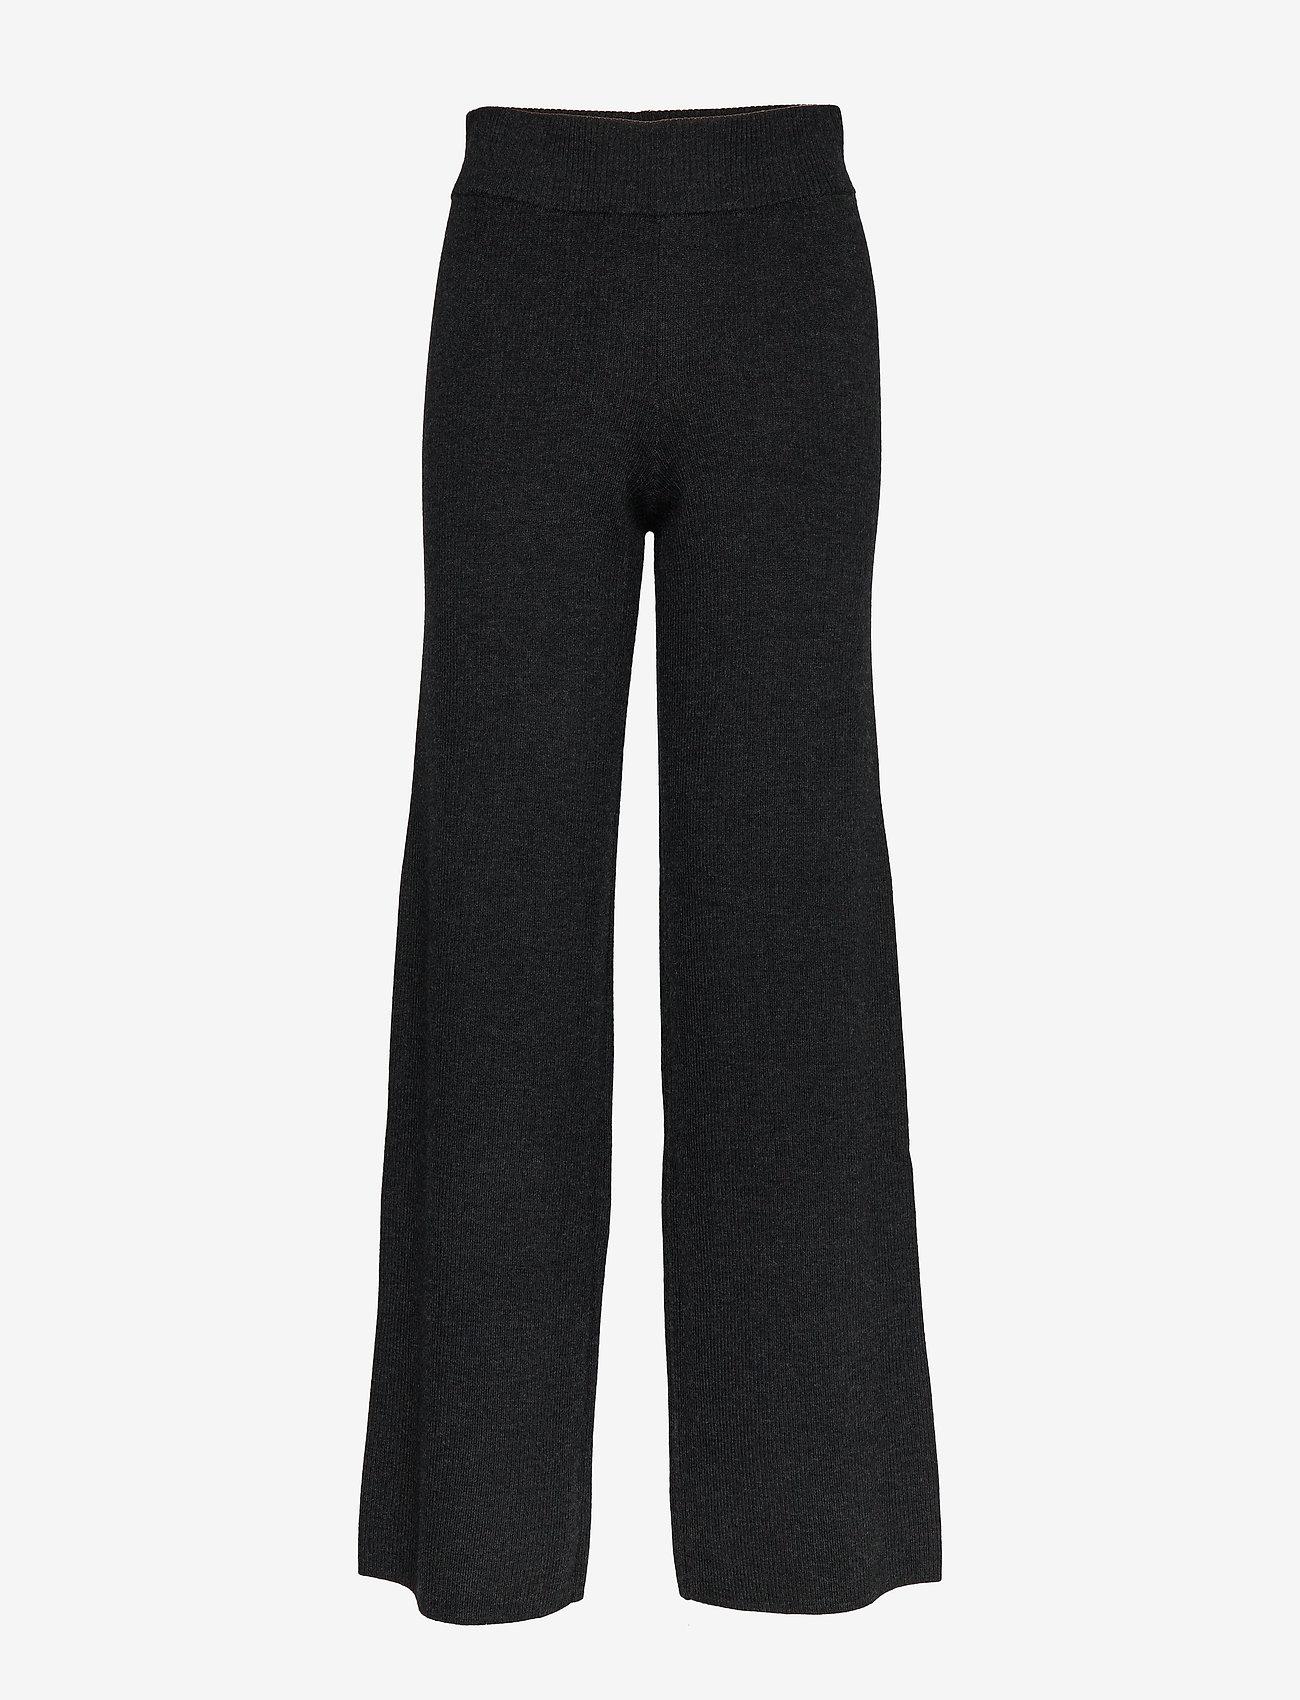 IBEN - Mio Pant STG - leveälahkeiset housut - anthracite